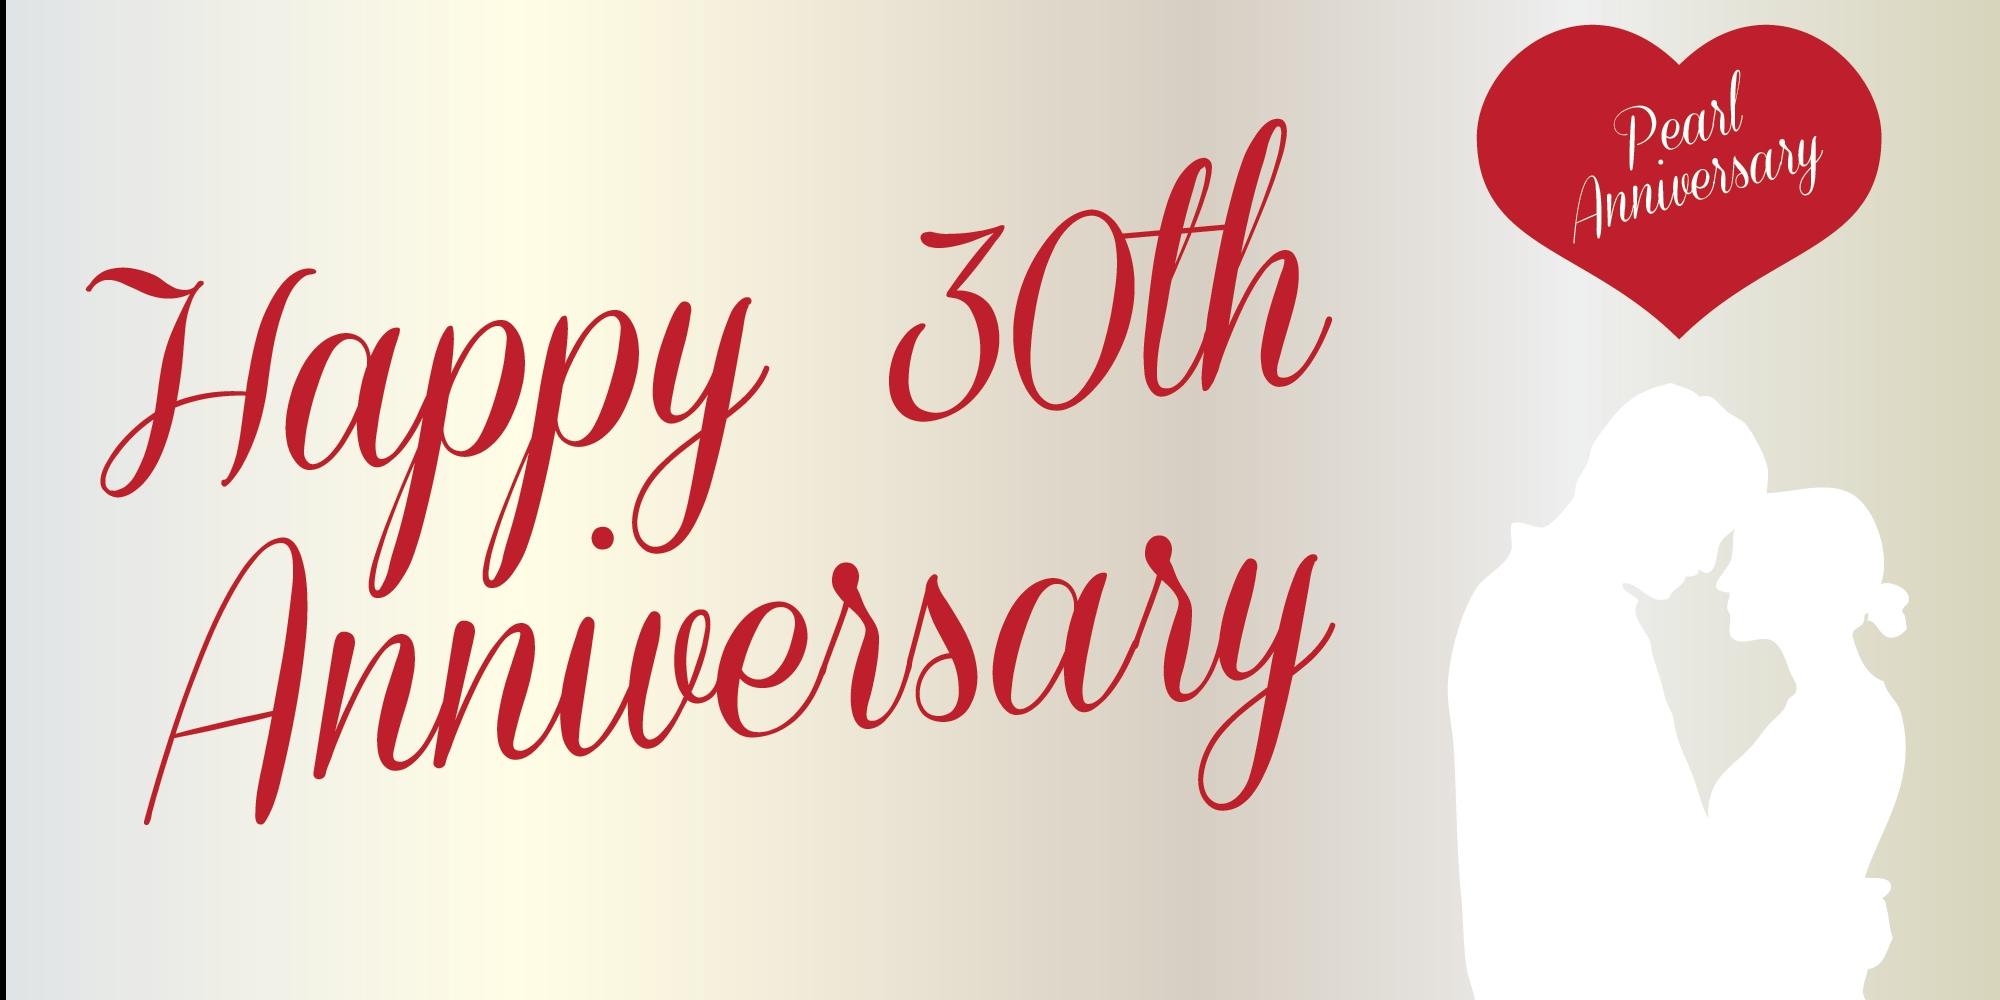 Anniversary: Love, Heart